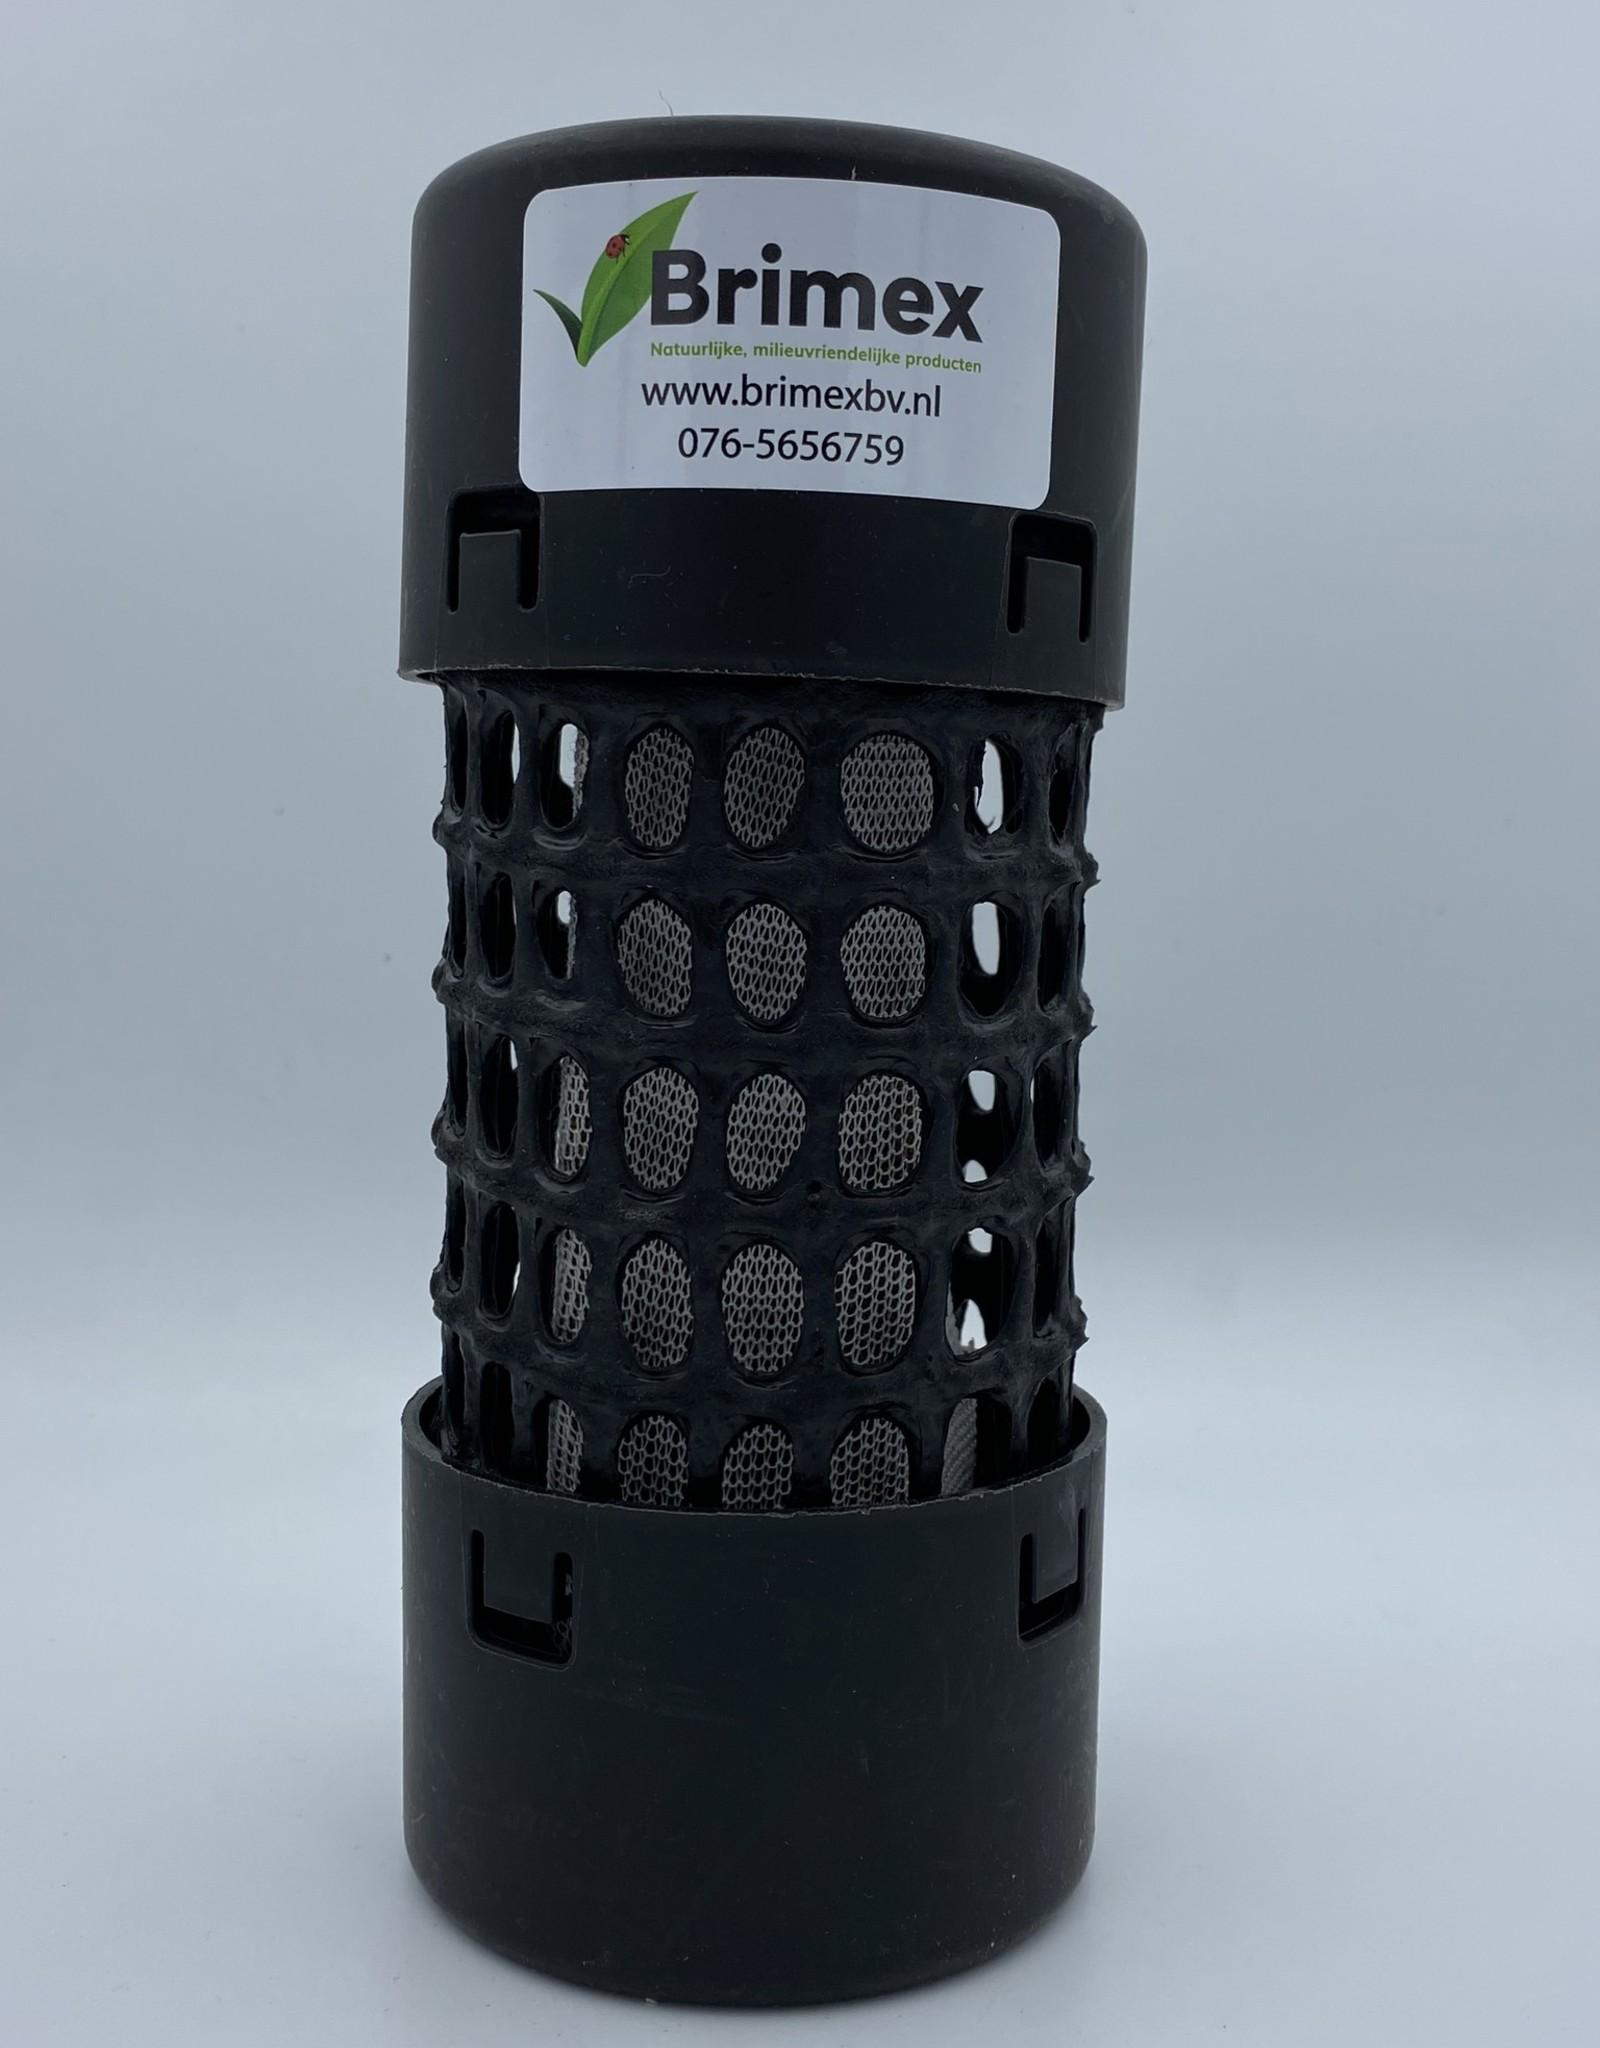 Brimex Tupoleum Tupoleum geurpaal microzuil los zonder Tupoleum